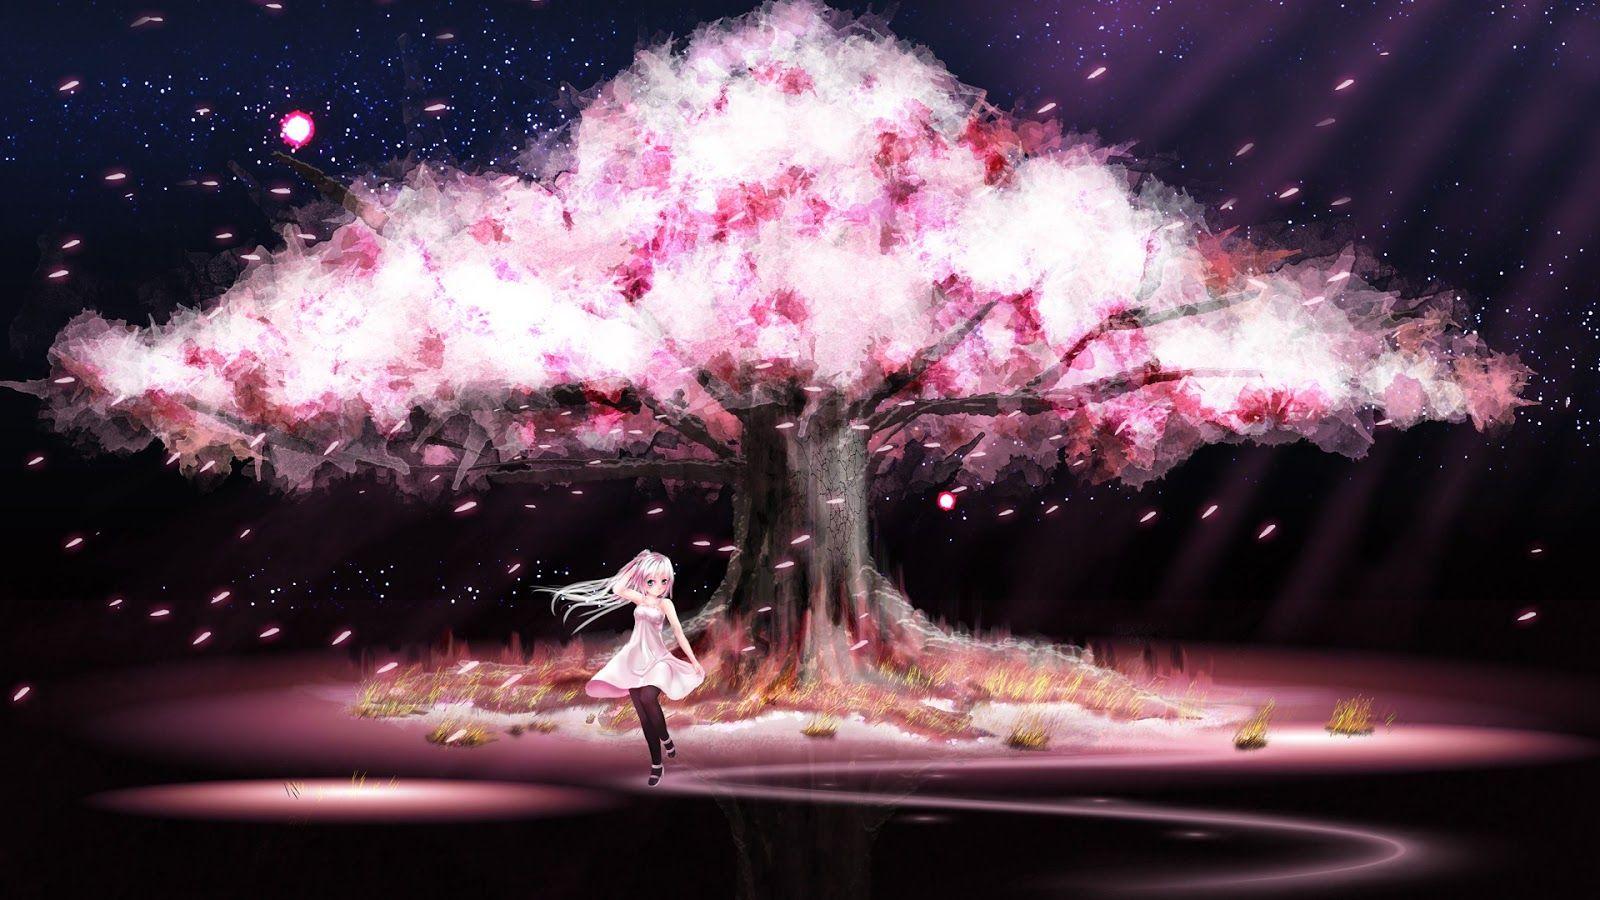 Pink anime wallpaper